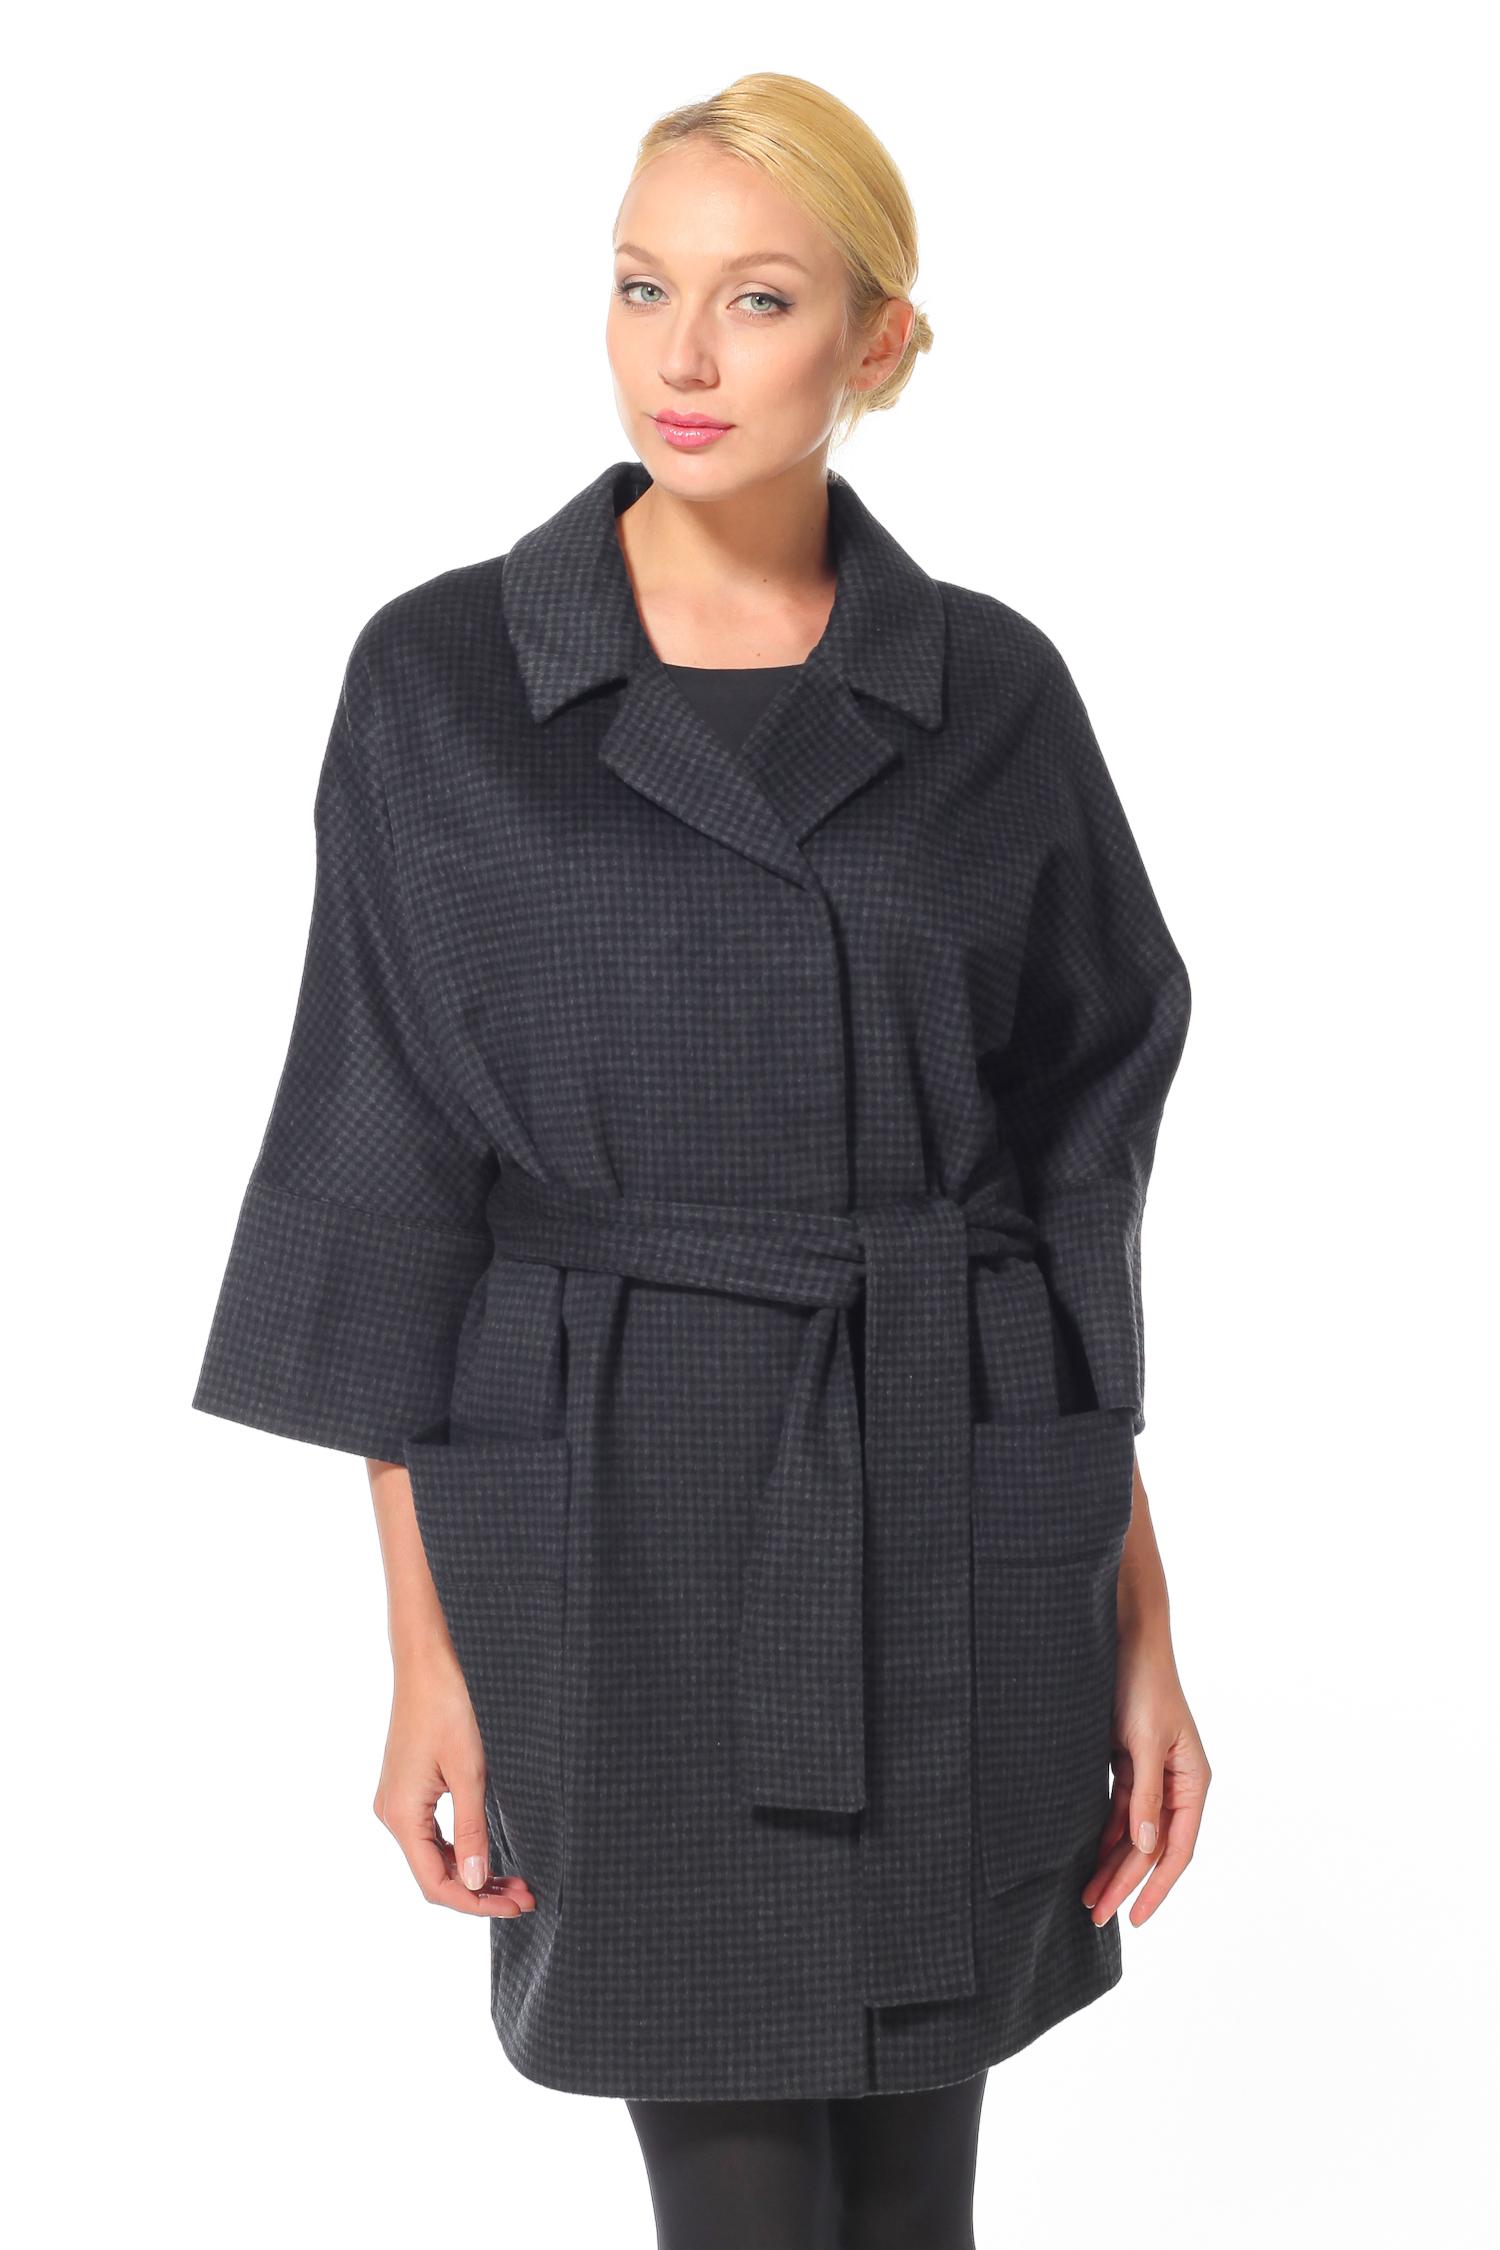 Женское пальто с воротником, без отделки<br><br>Воротник: Английский<br>Длина см: 90<br>Материал: Текстиль<br>Цвет: Темно-серый<br>Пол: Женский